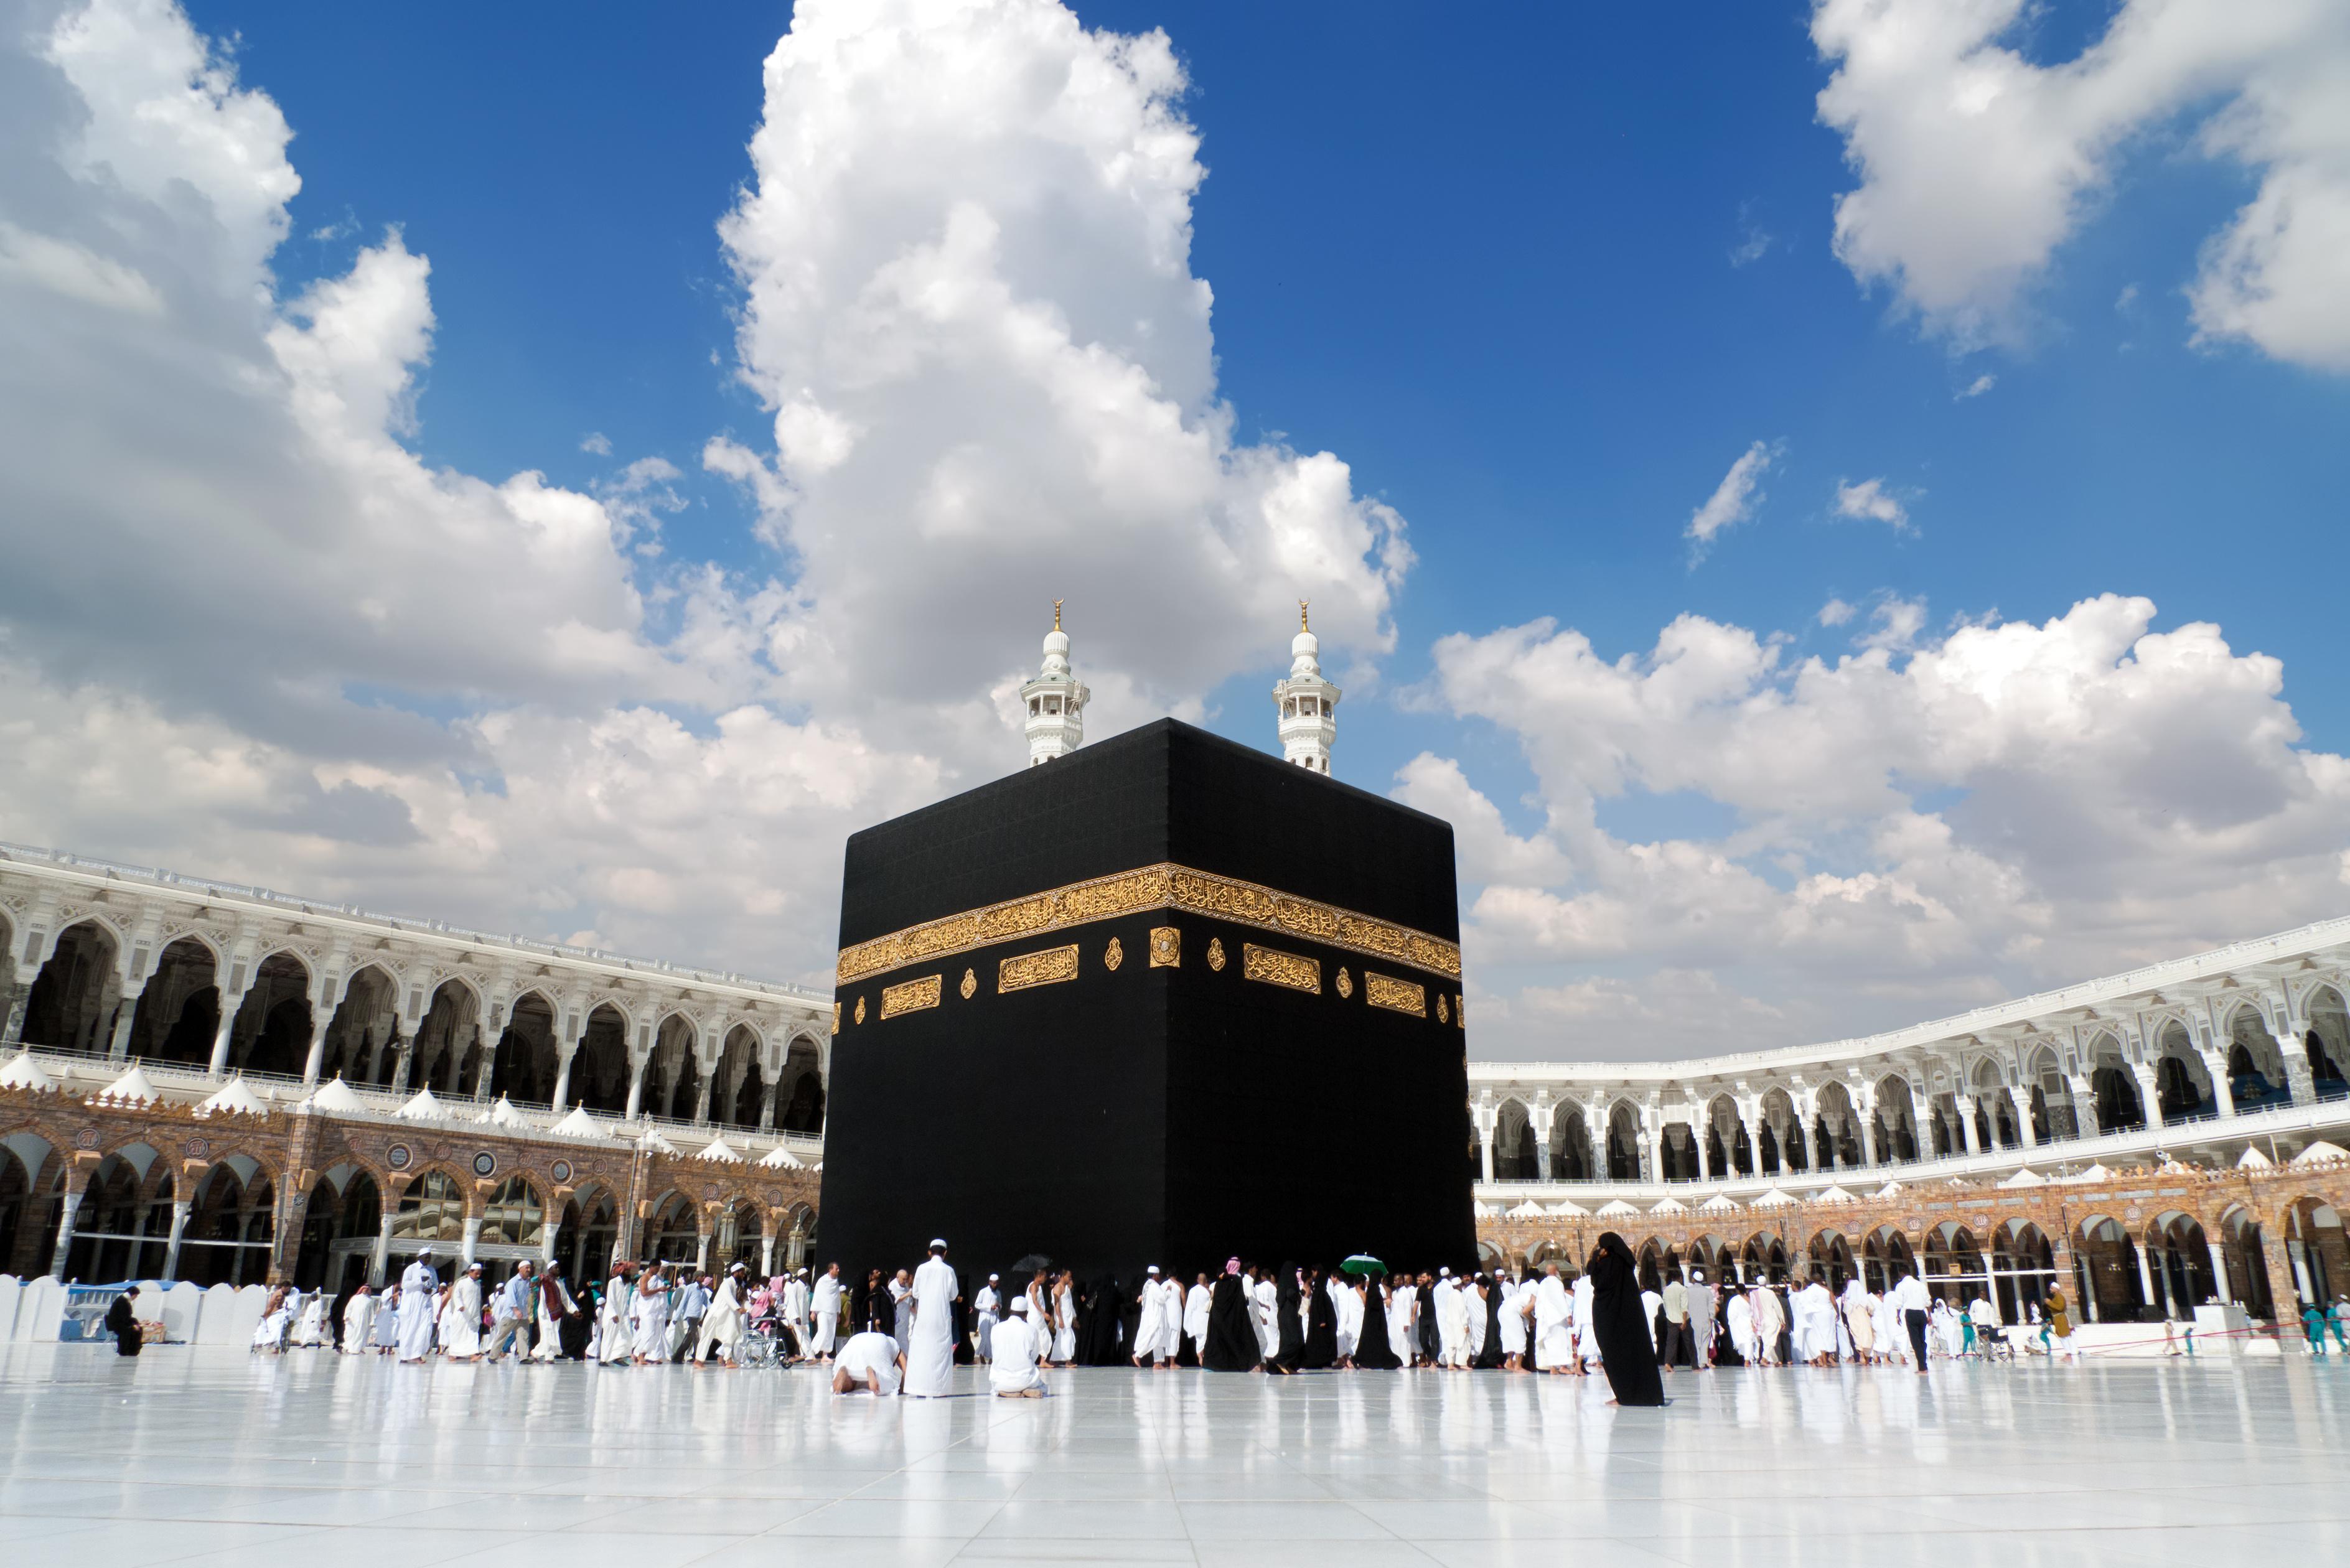 La Kaaba es importante por su historia y relevancia, pero no se la adora de ninguna manera